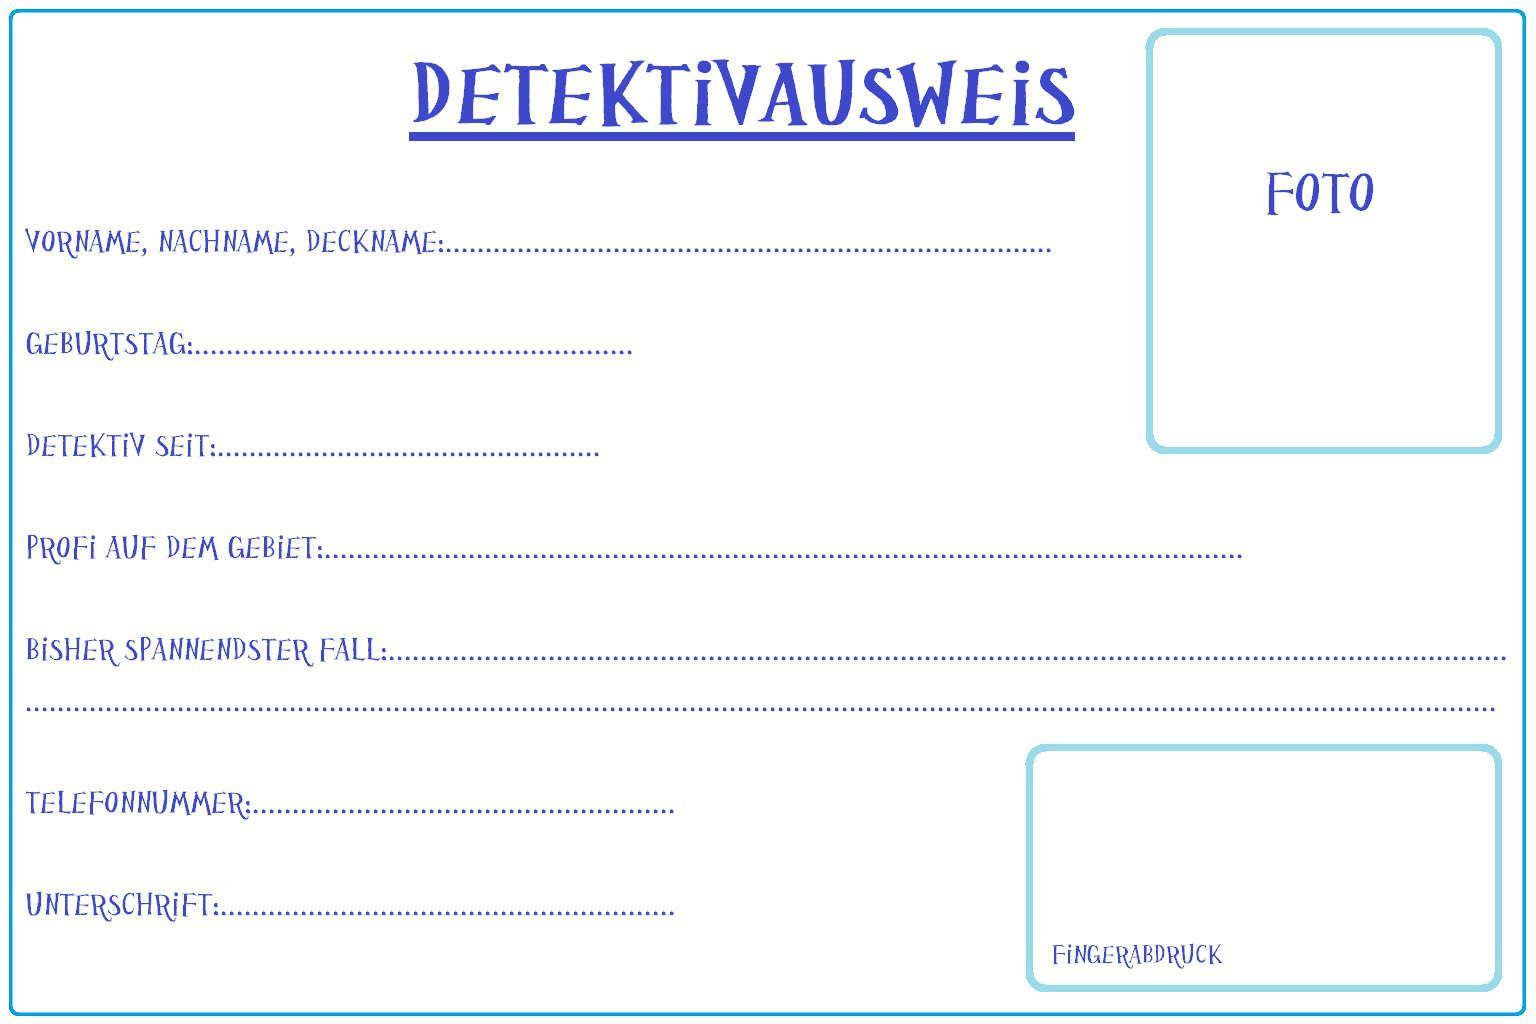 Detektivausweis 627 Jpg 1536 1024 Detektivausweis Einladung Kindergeburtstag Lustige Themen